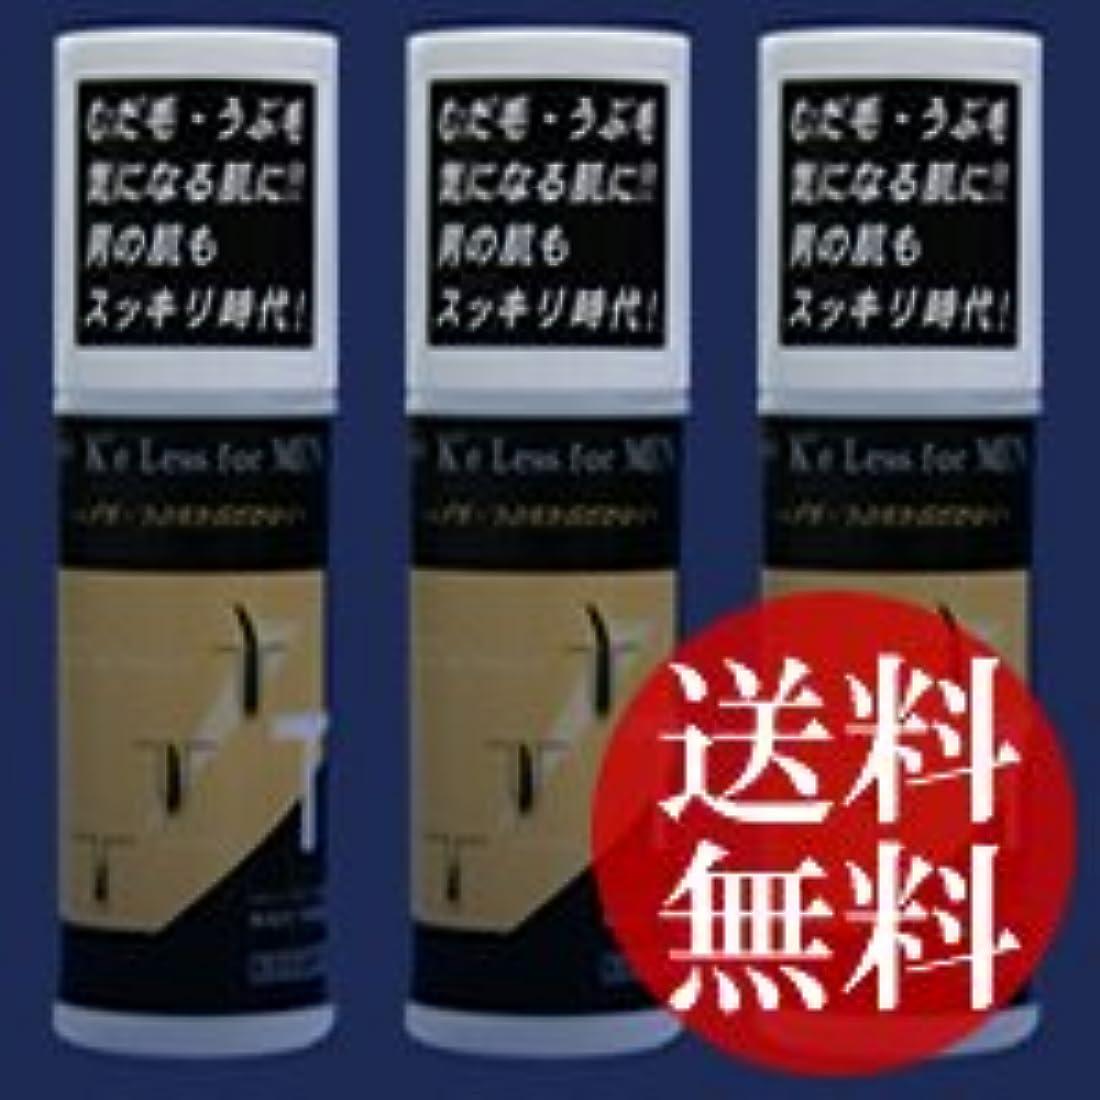 発生器包括的アシスト補完医療製薬 ケーイーレスローション フォーメン 150mL×3本セット [医薬部外品]